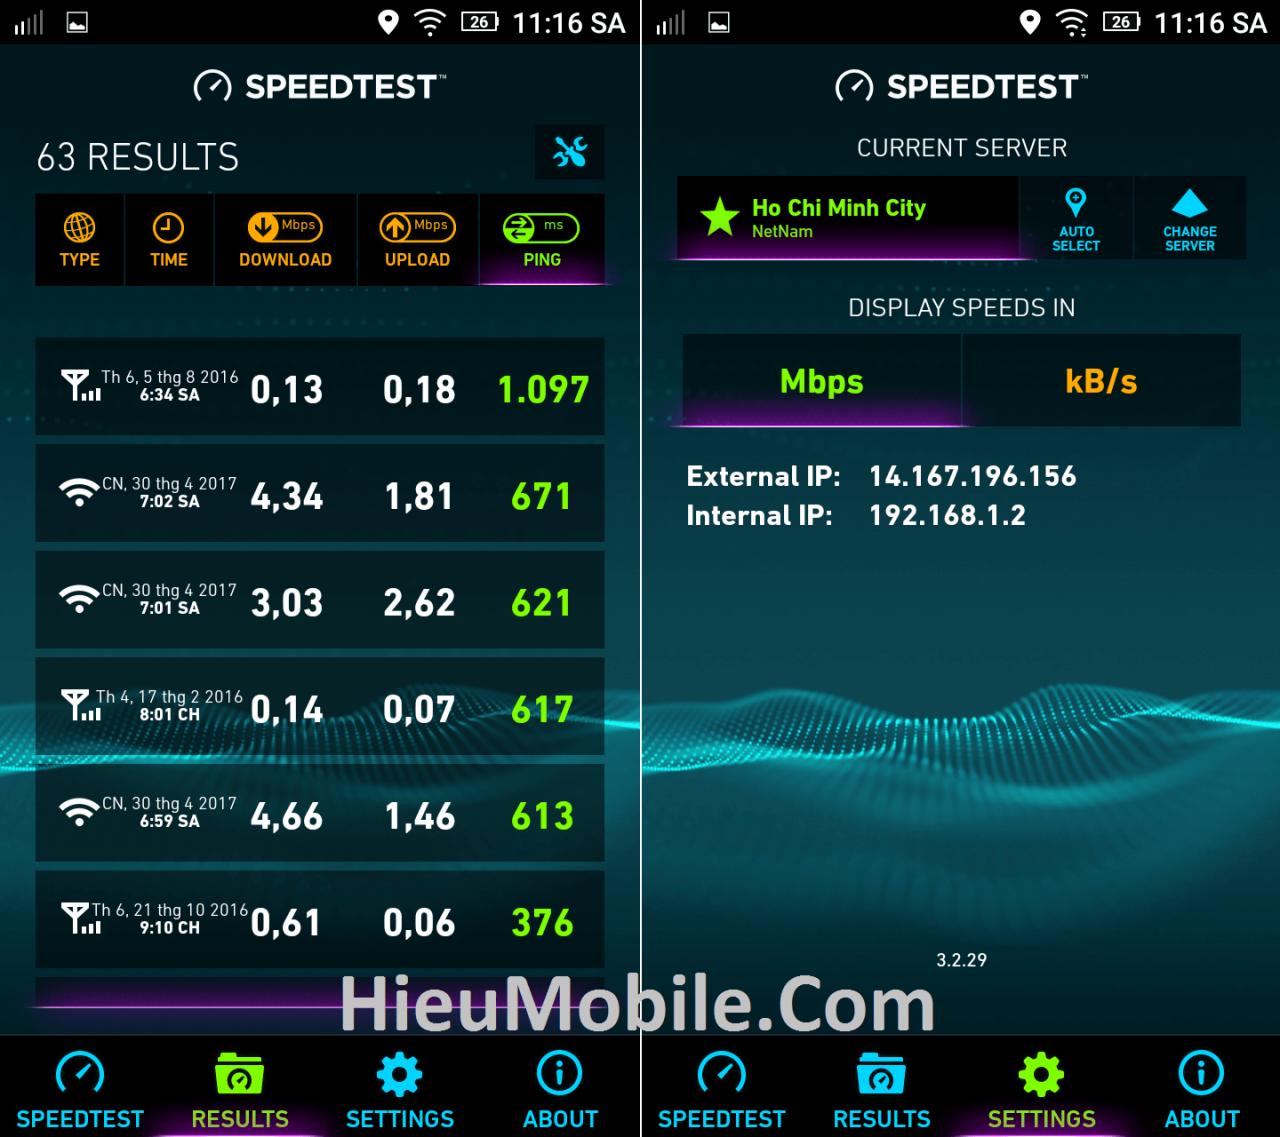 Hình ảnh sTn83fW của Tải SpeedTest - Ứng dụng kiểm tra tốc độ kết nối mạng tại HieuMobile